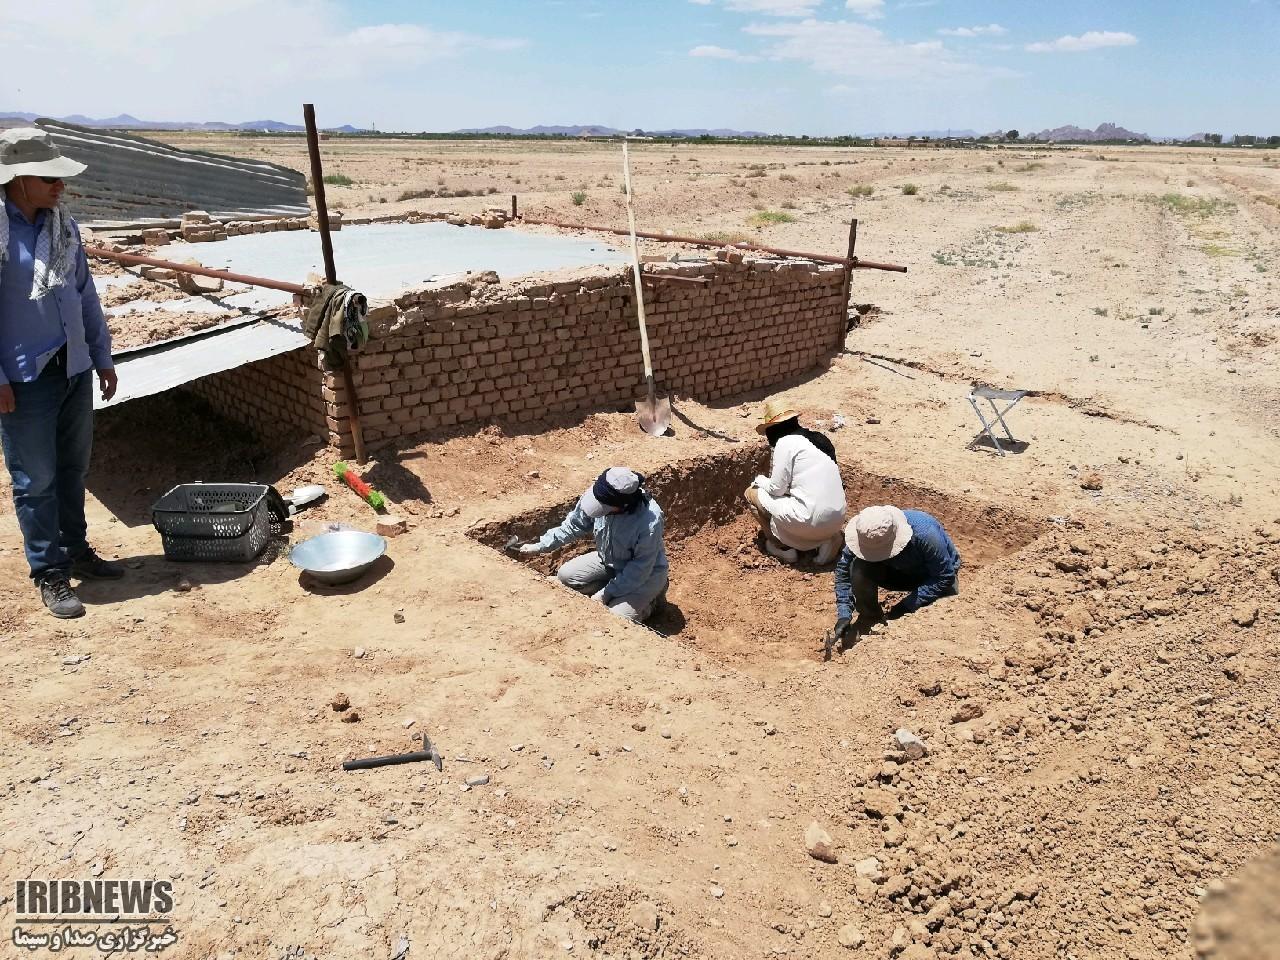 اجرای 10 طرح پژوهشی در خراسان جنوبی